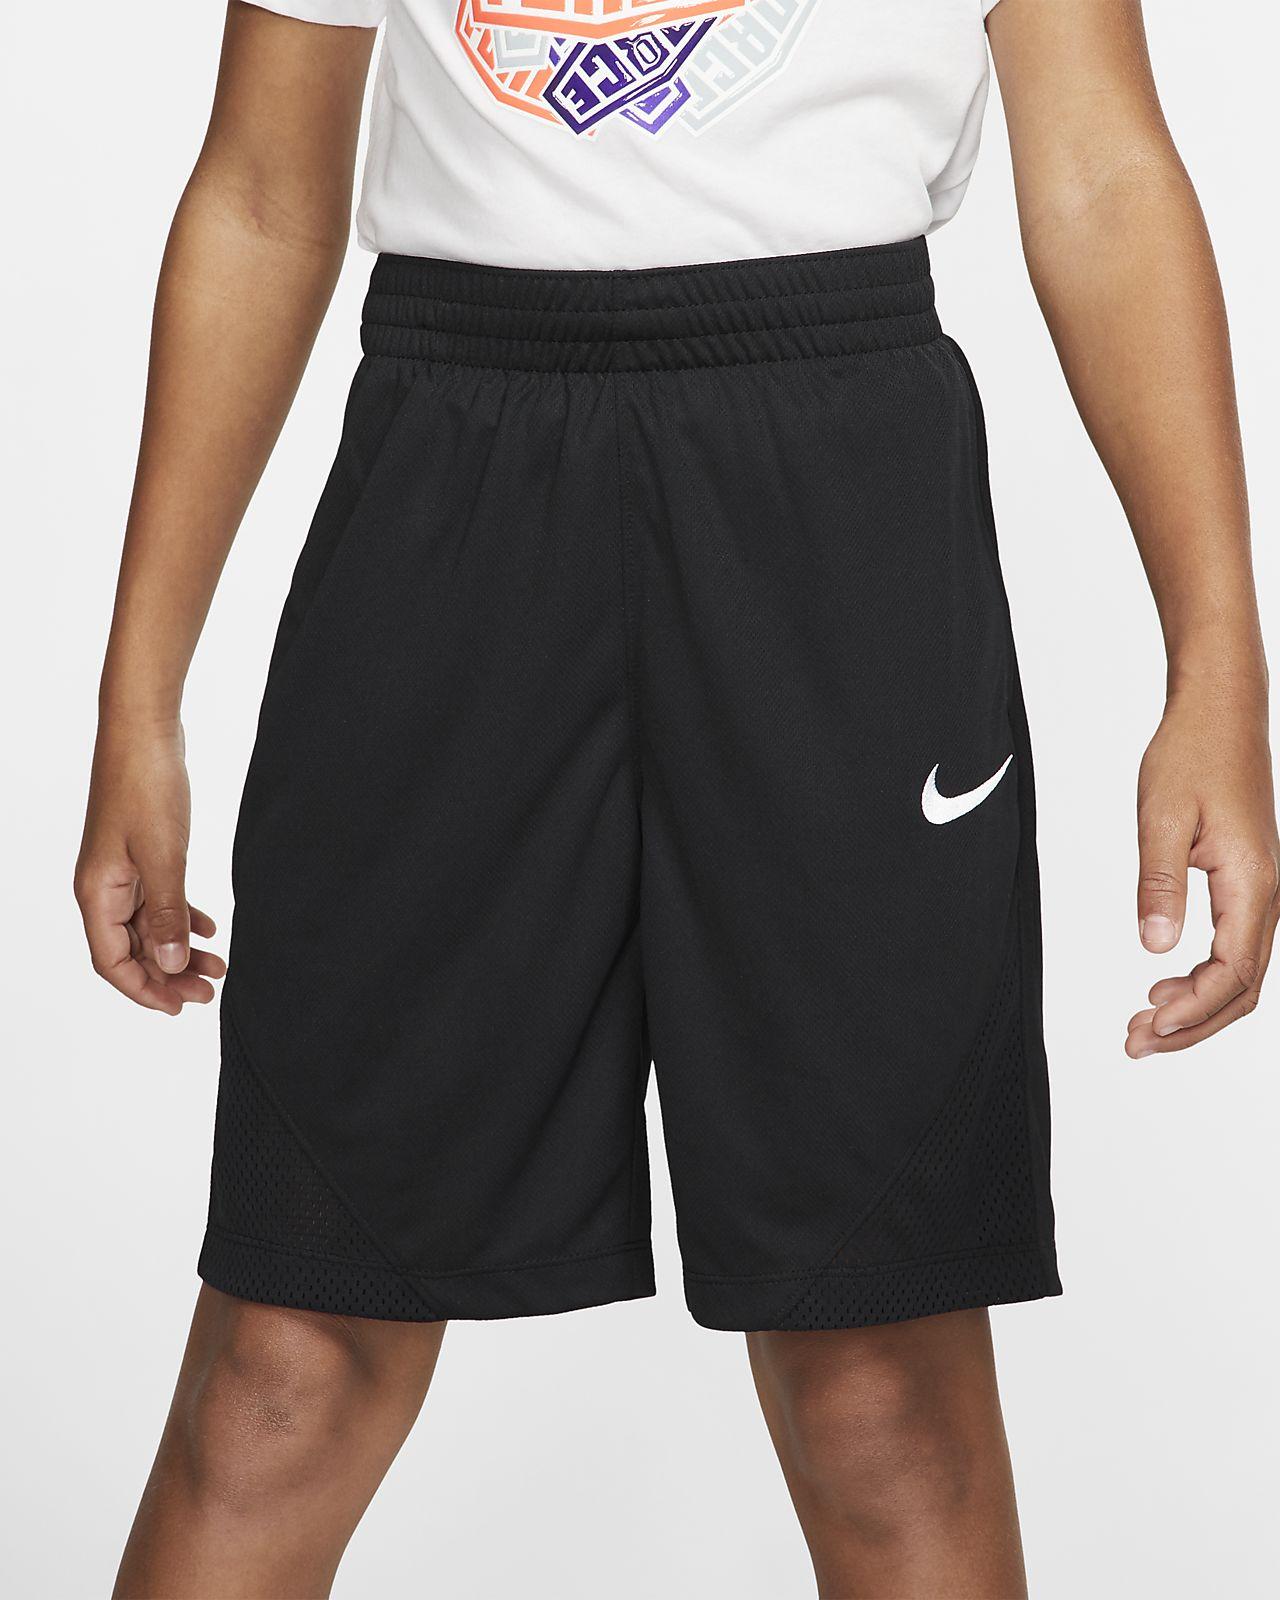 Shorts de básquetbol para niño Nike Dry